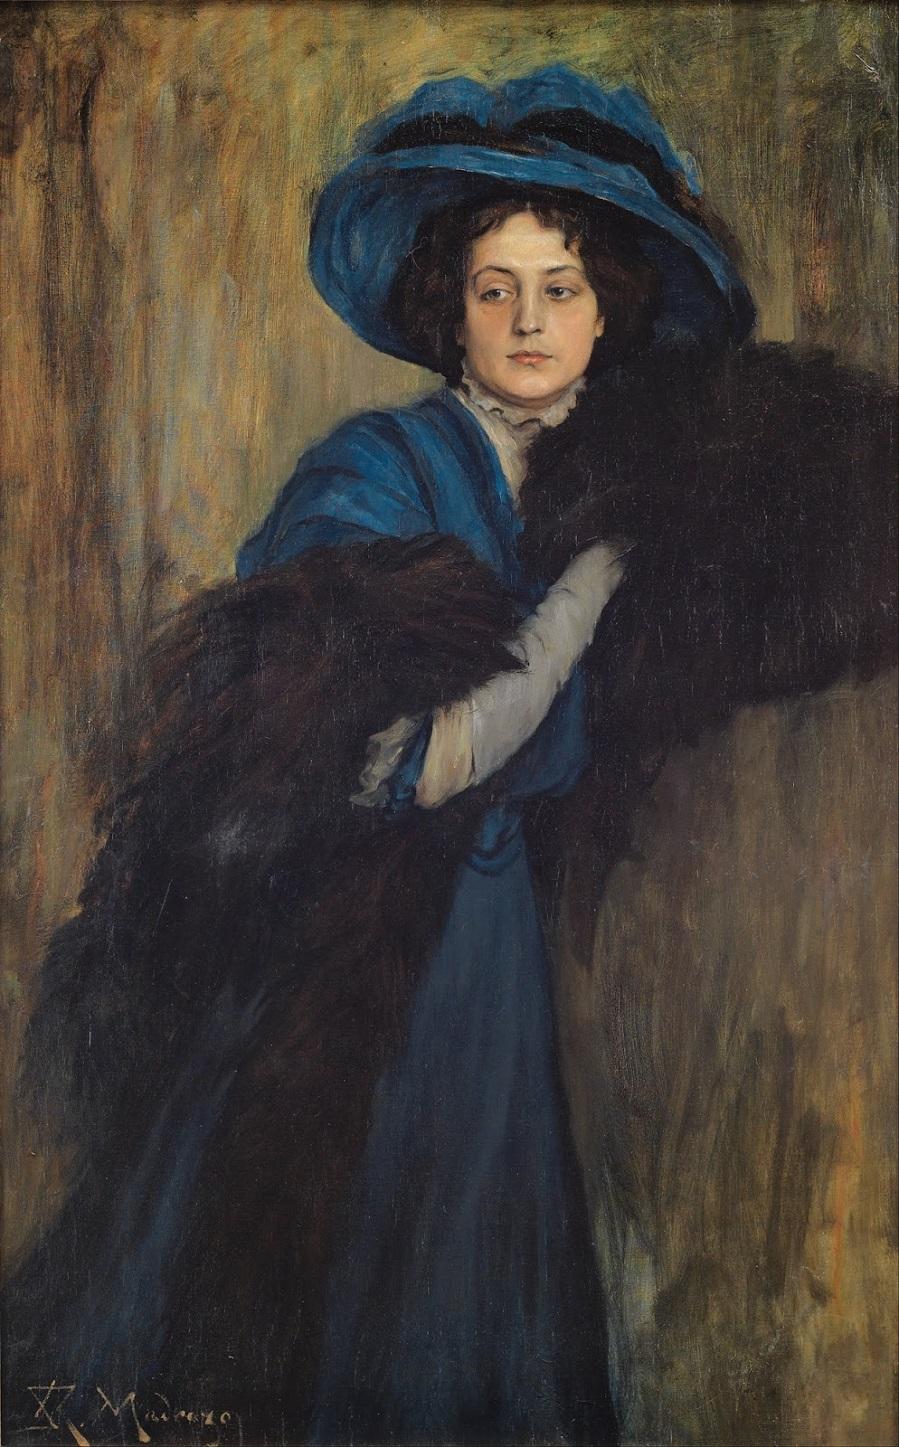 1897-1905_Портрет дамы в синем (Portrait of a Lady in Blue)_140.5 х 88.5_х.,м._Бильбао, Музей изобразительных искусств.jpg